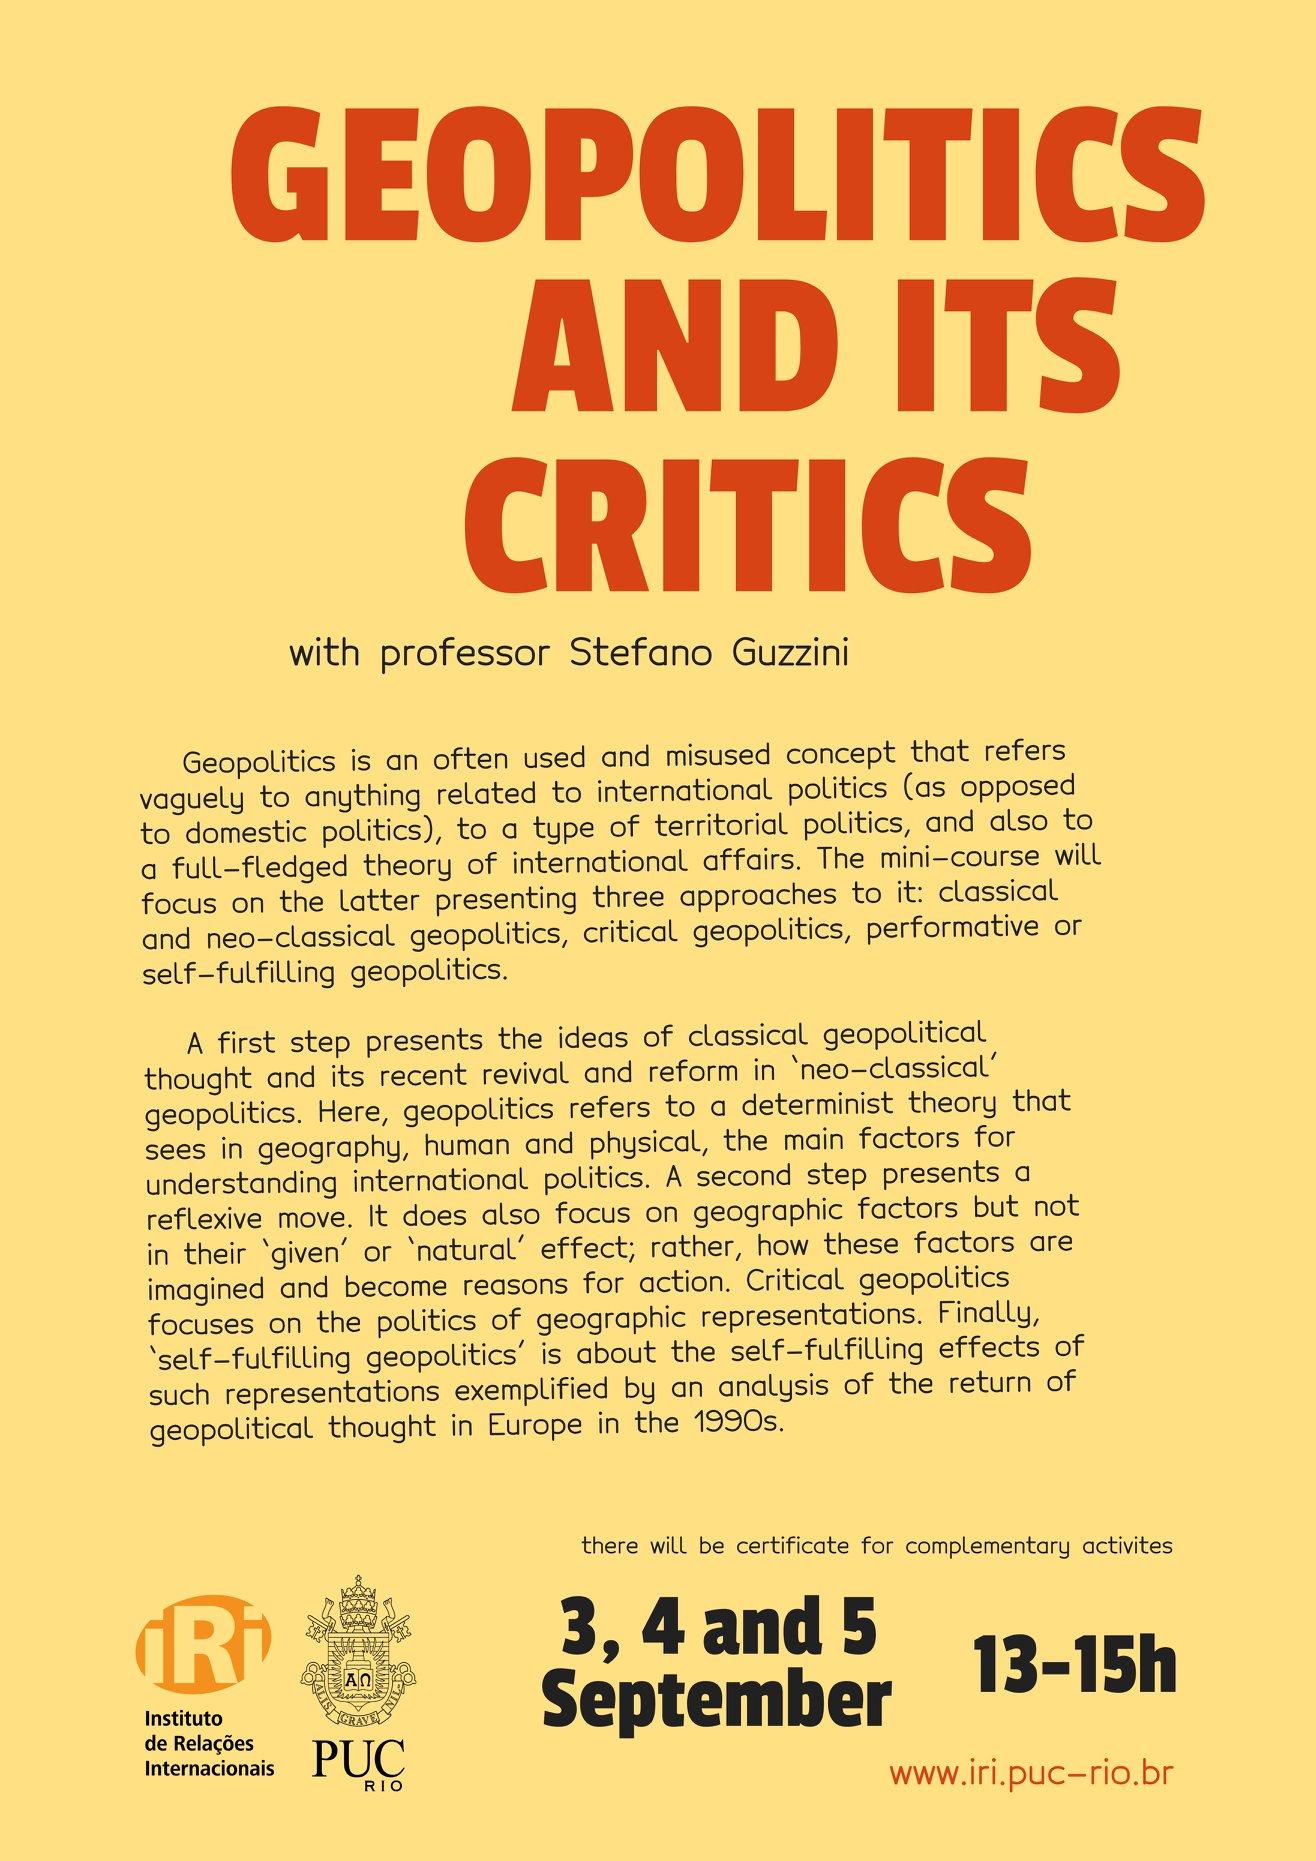 Geopolitics and its Critics